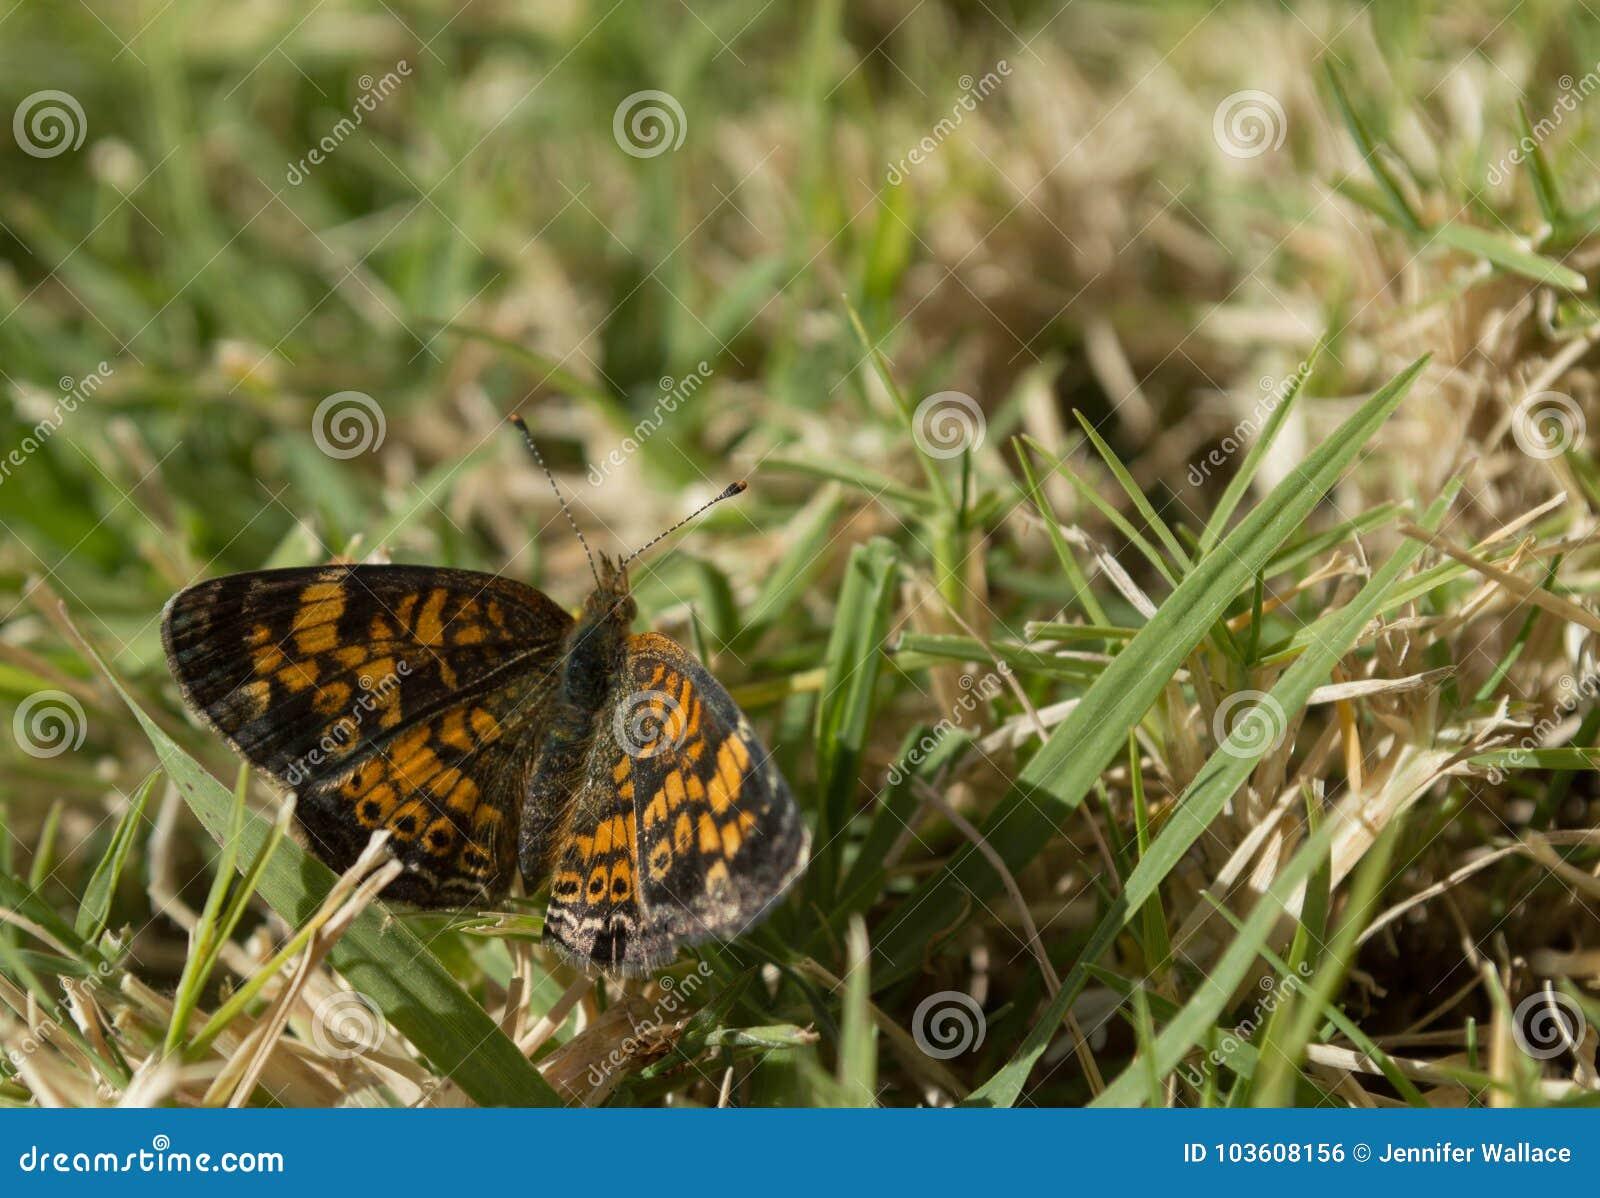 Visión superior, foto macra de una pequeña mariposa que está chupando el néctar de un pequeño wildflower